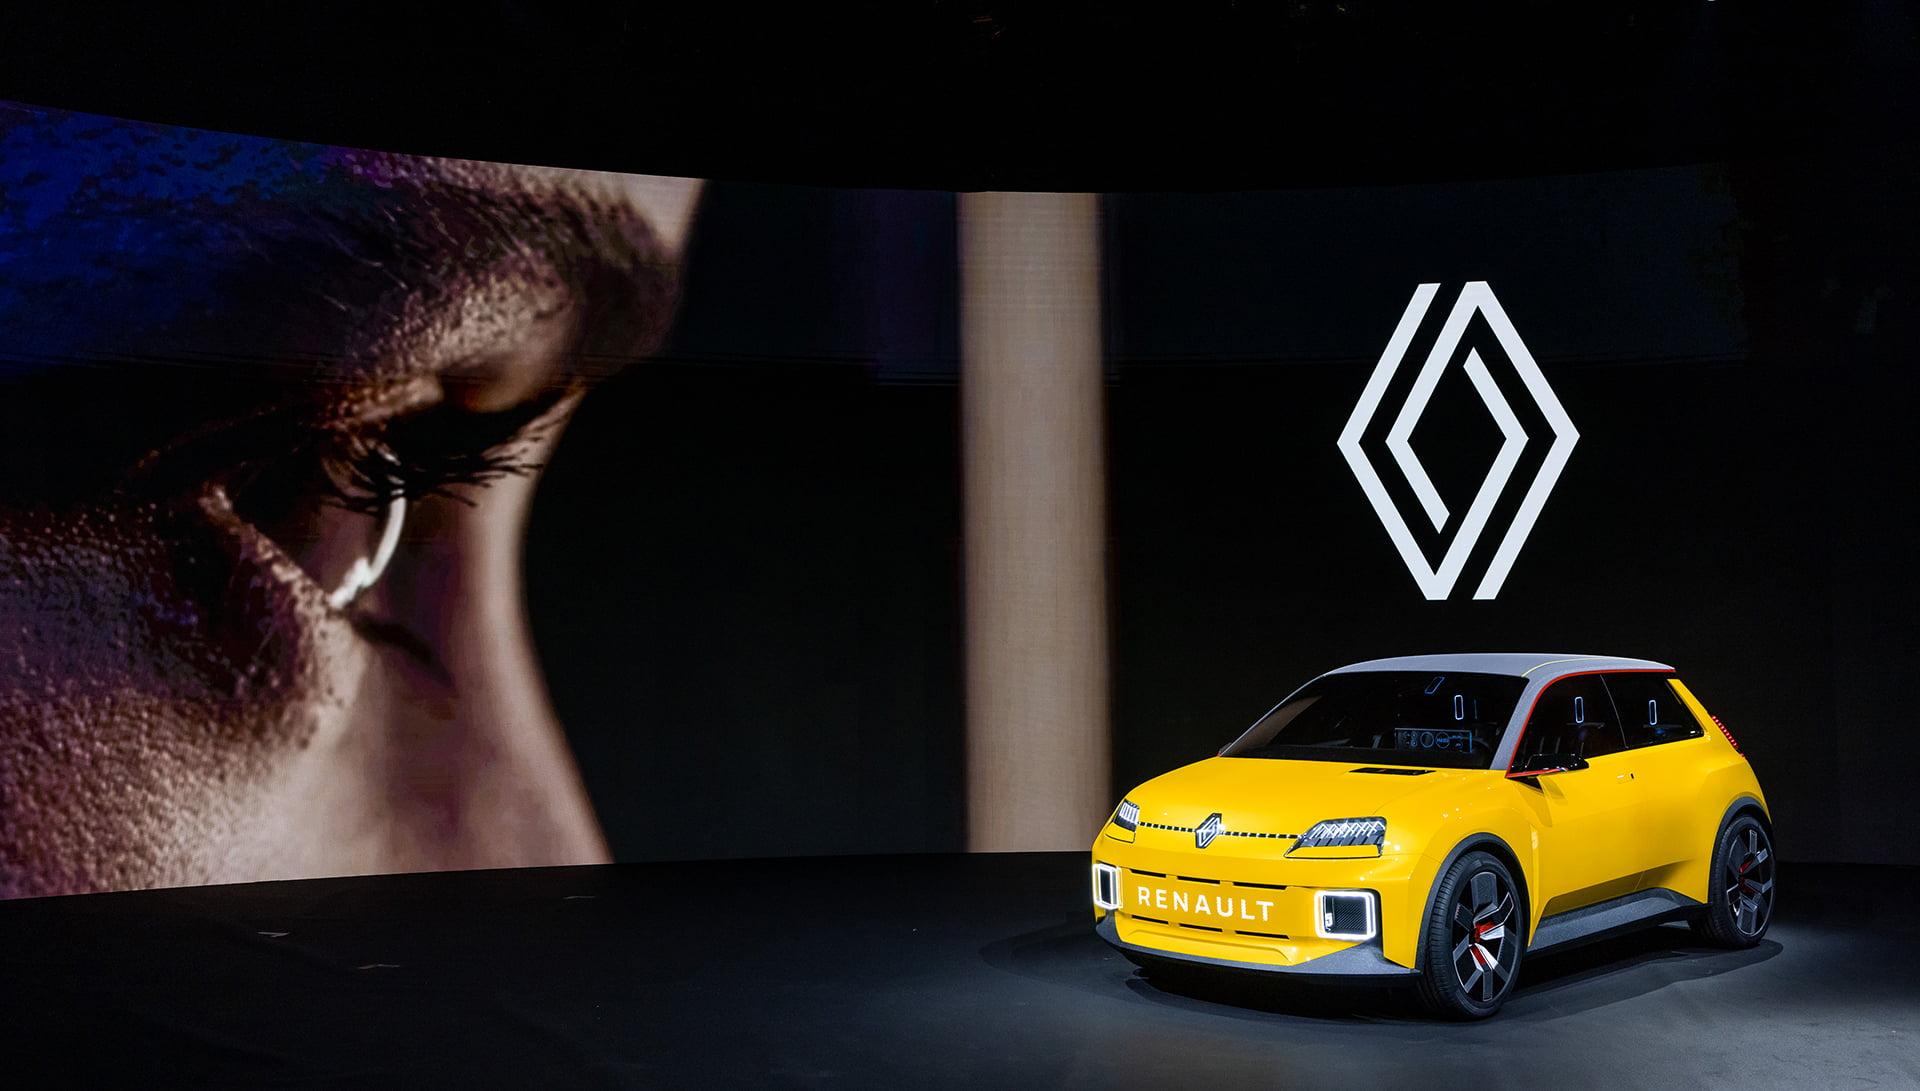 El Renault 5 Prototype avanza en su proceso de creación